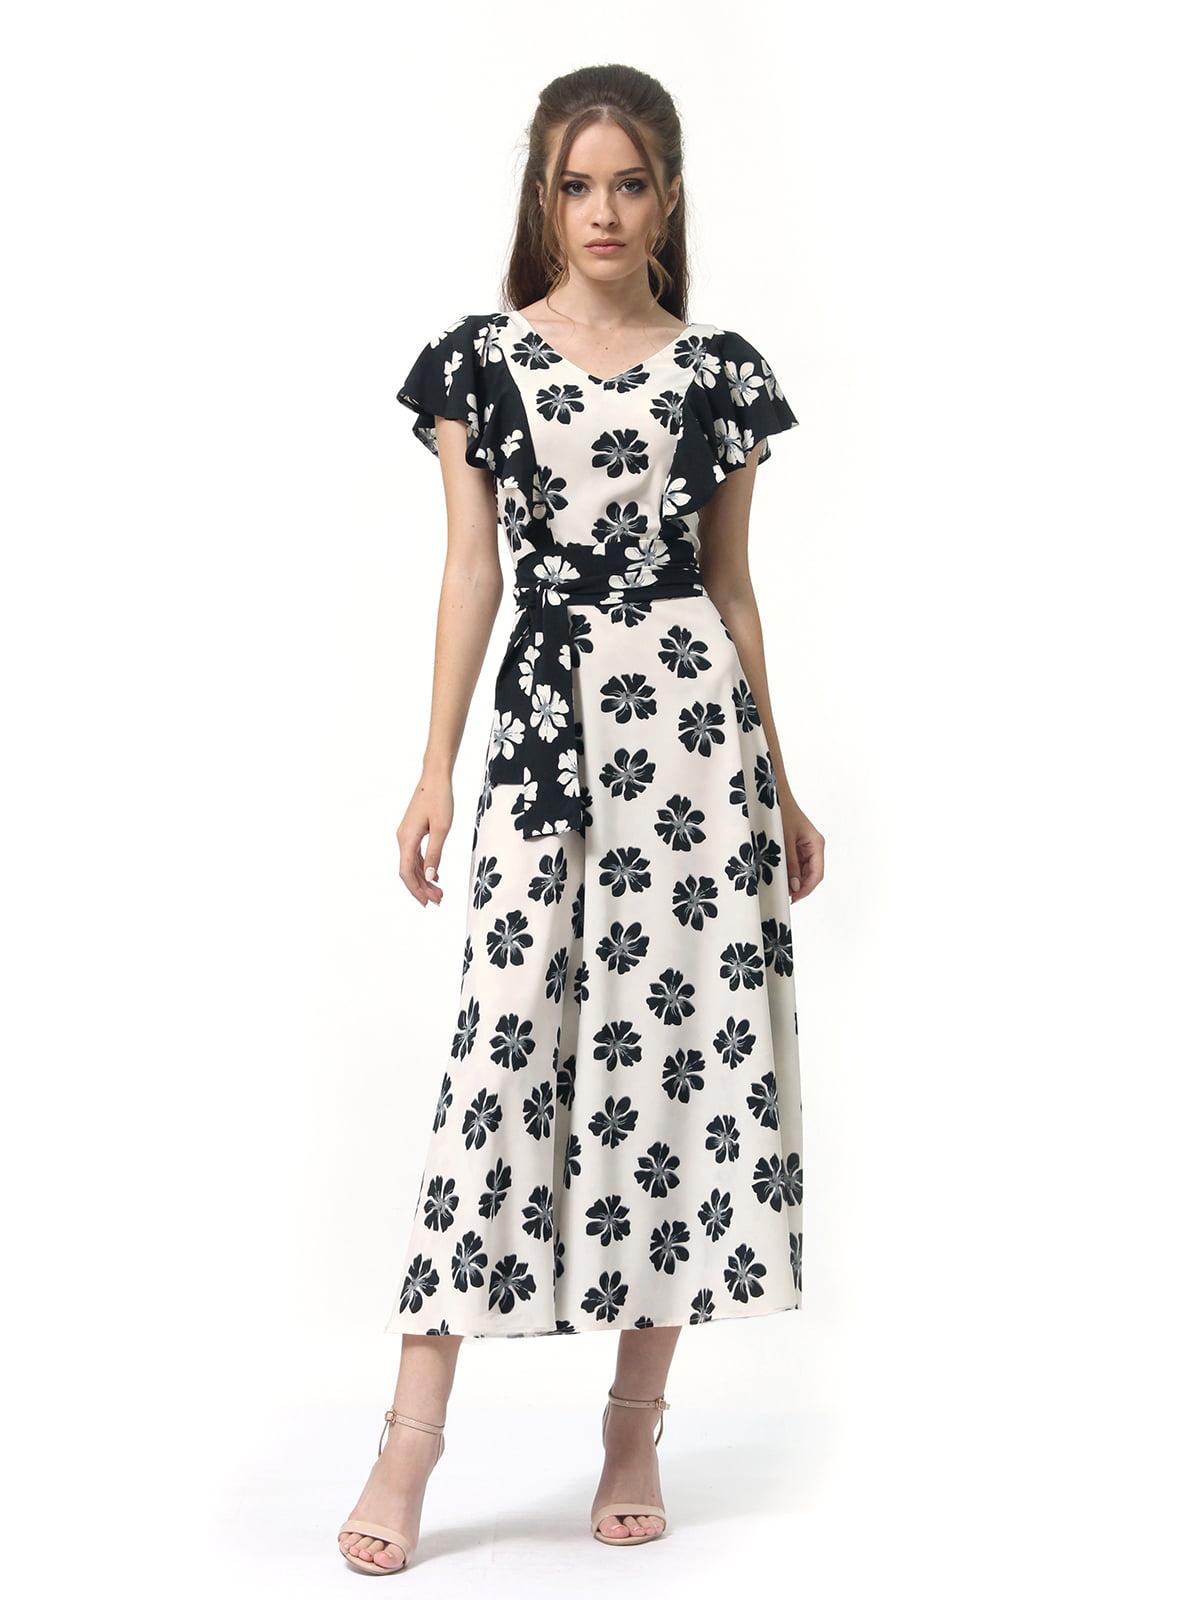 Платье двухцветное с цветочным принтом   4382759   фото 4